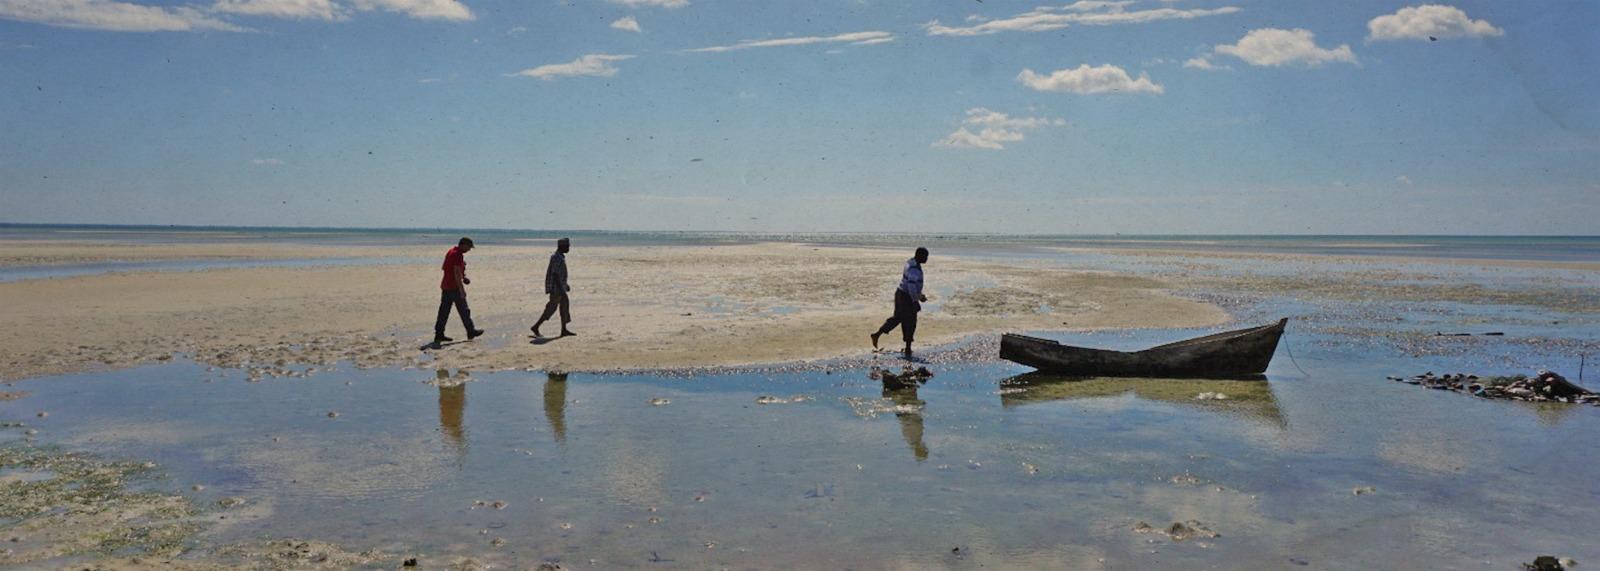 Amenazas y atropellos de la creciente industria gasífera de Mozambique